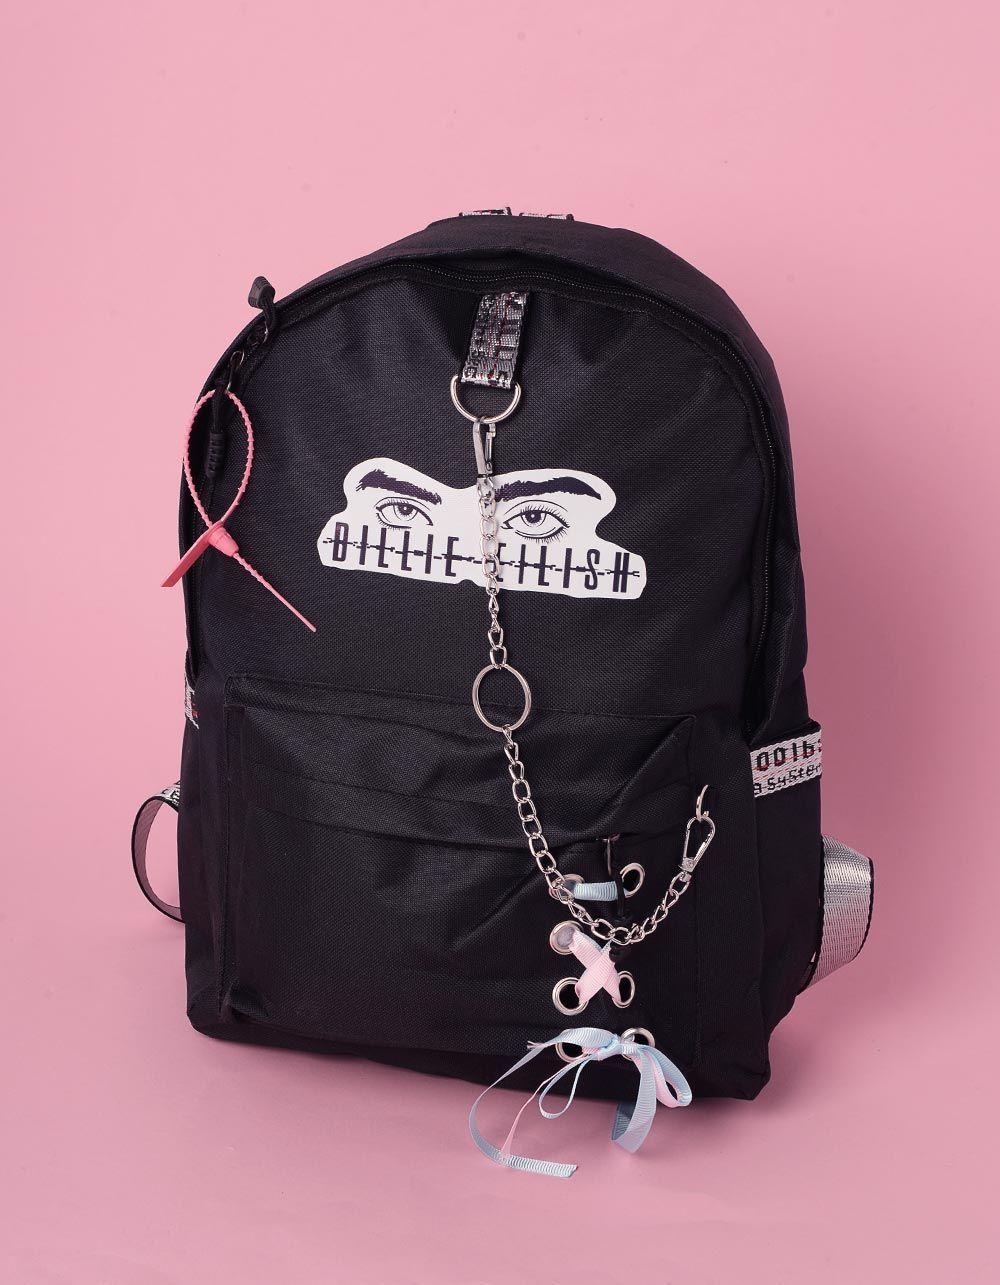 Рюкзак молодіжний  з написом Billie Eilish та ланцюгами | 240243-02-XX